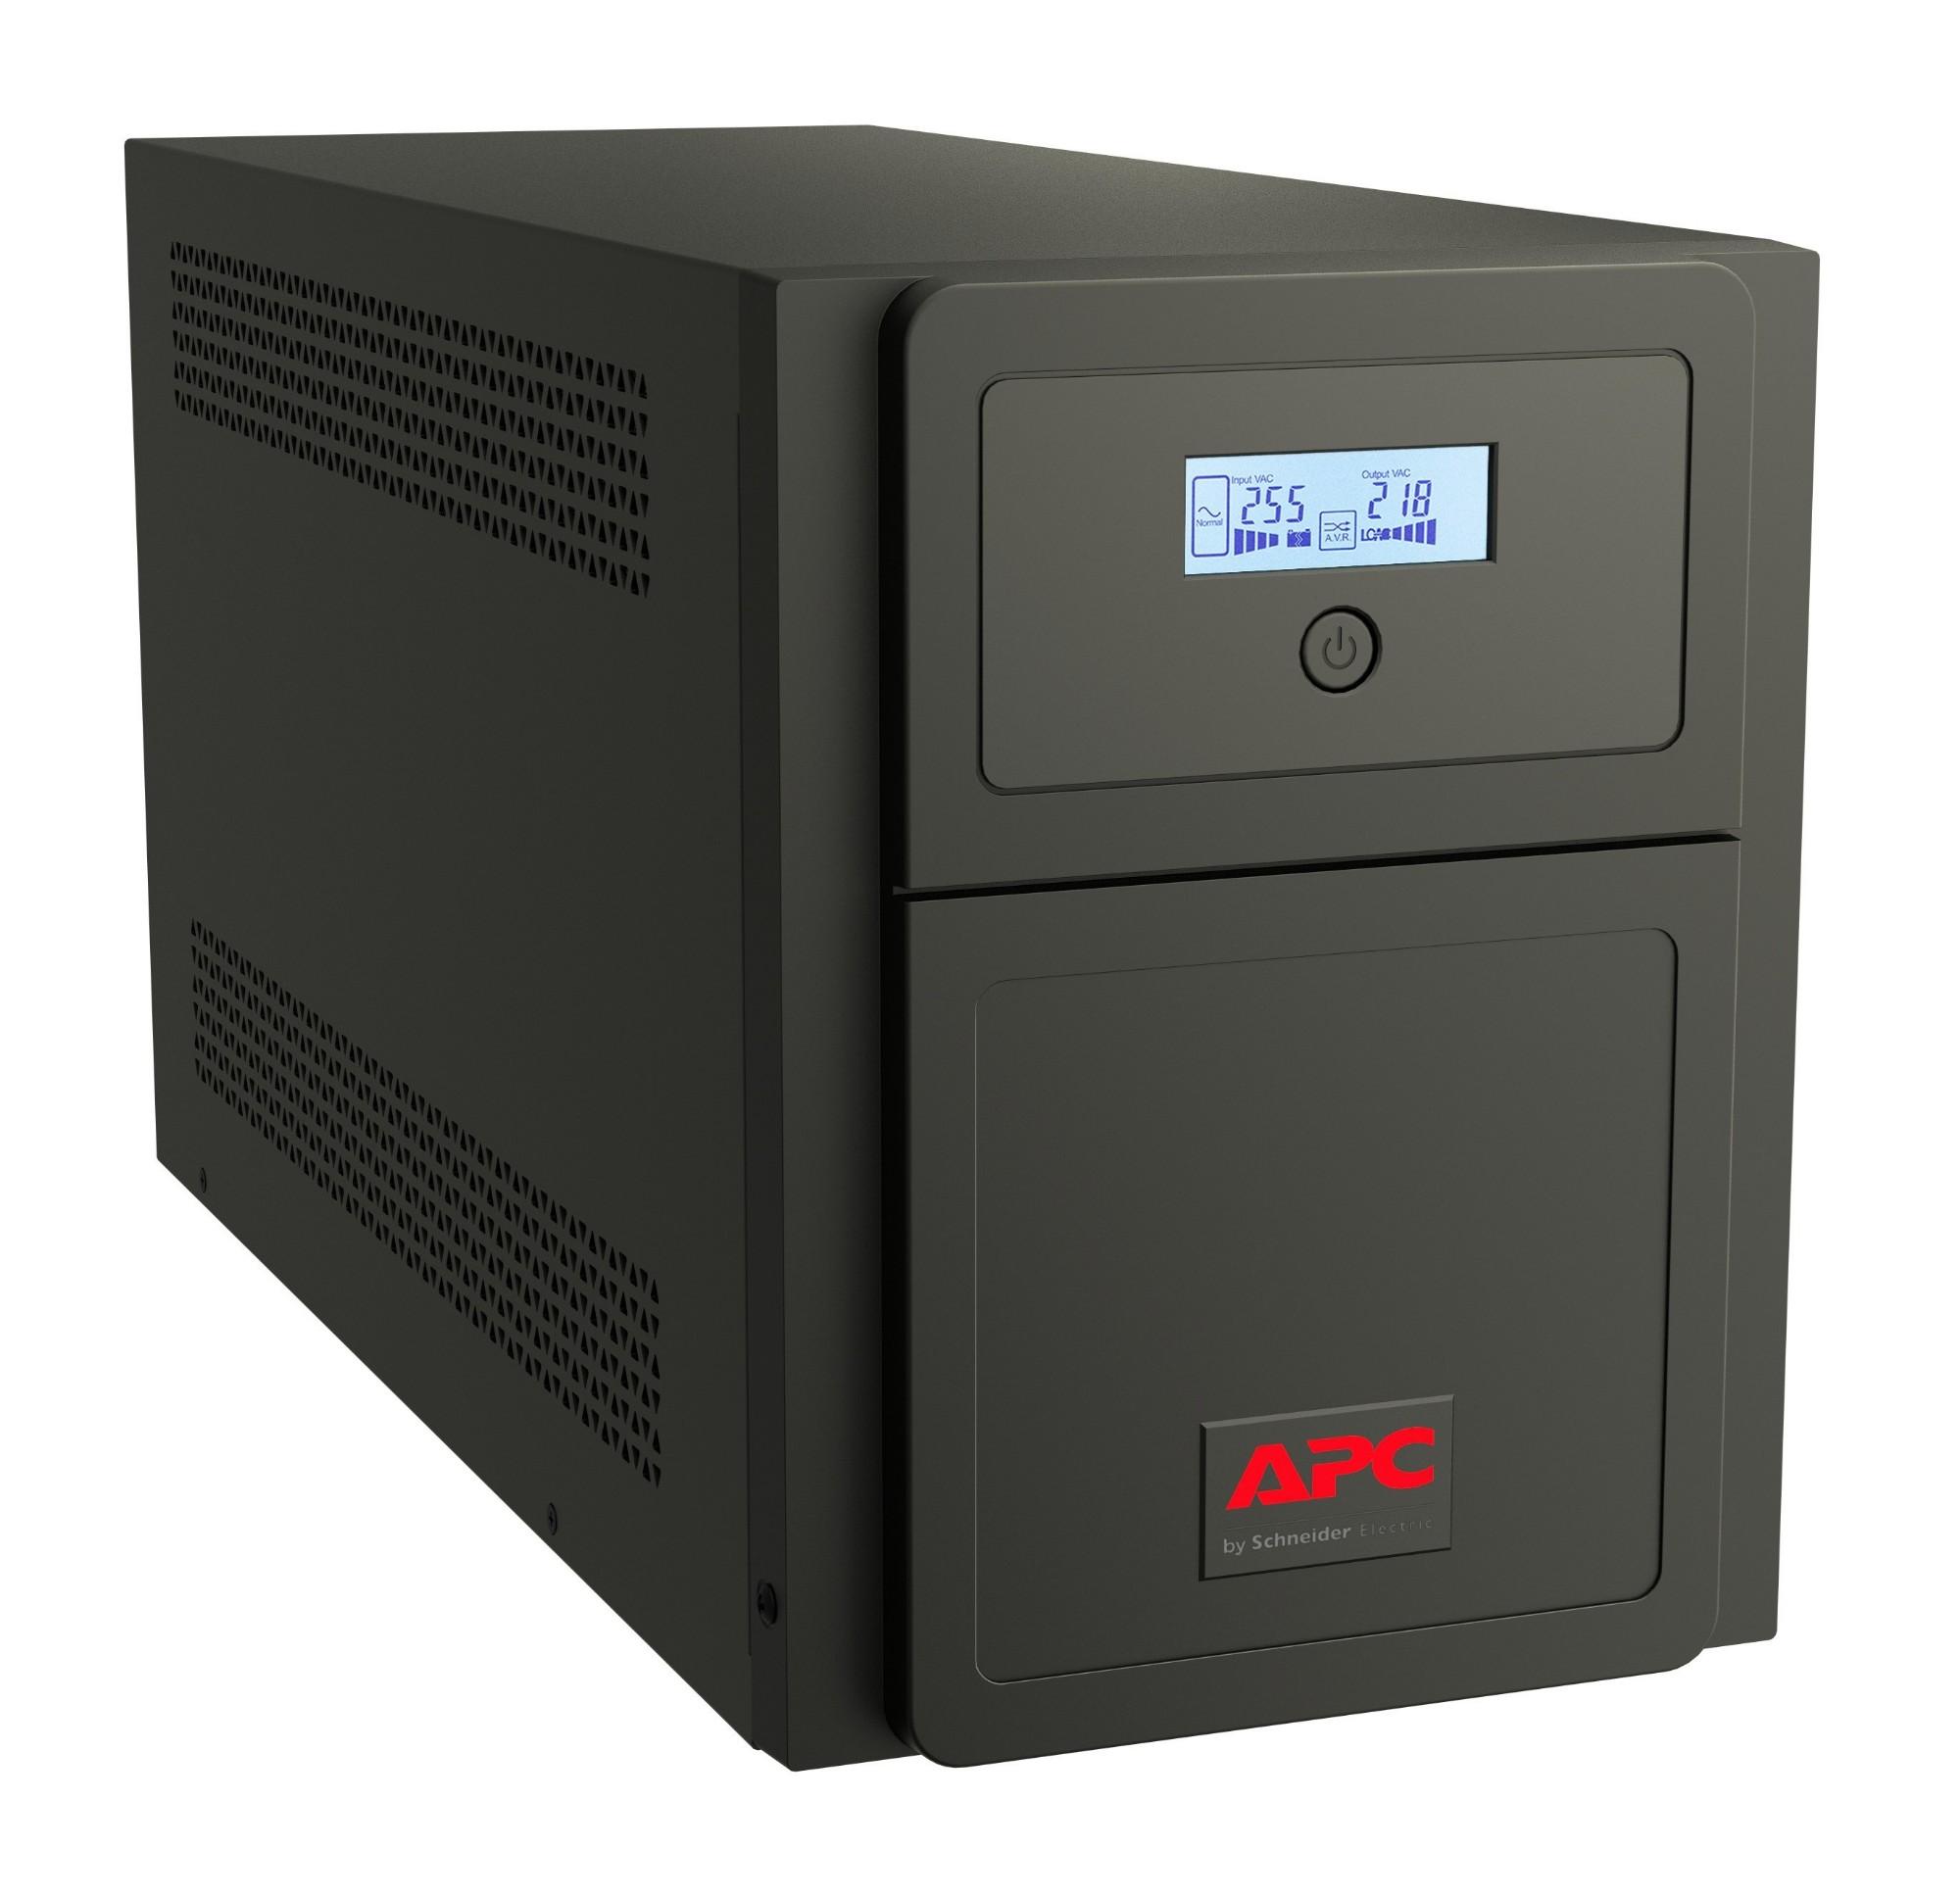 APC Easy UPS SMV sistema de alimentación ininterrumpida (UPS) Línea interactiva 3000 VA 2100 W 6 salidas AC